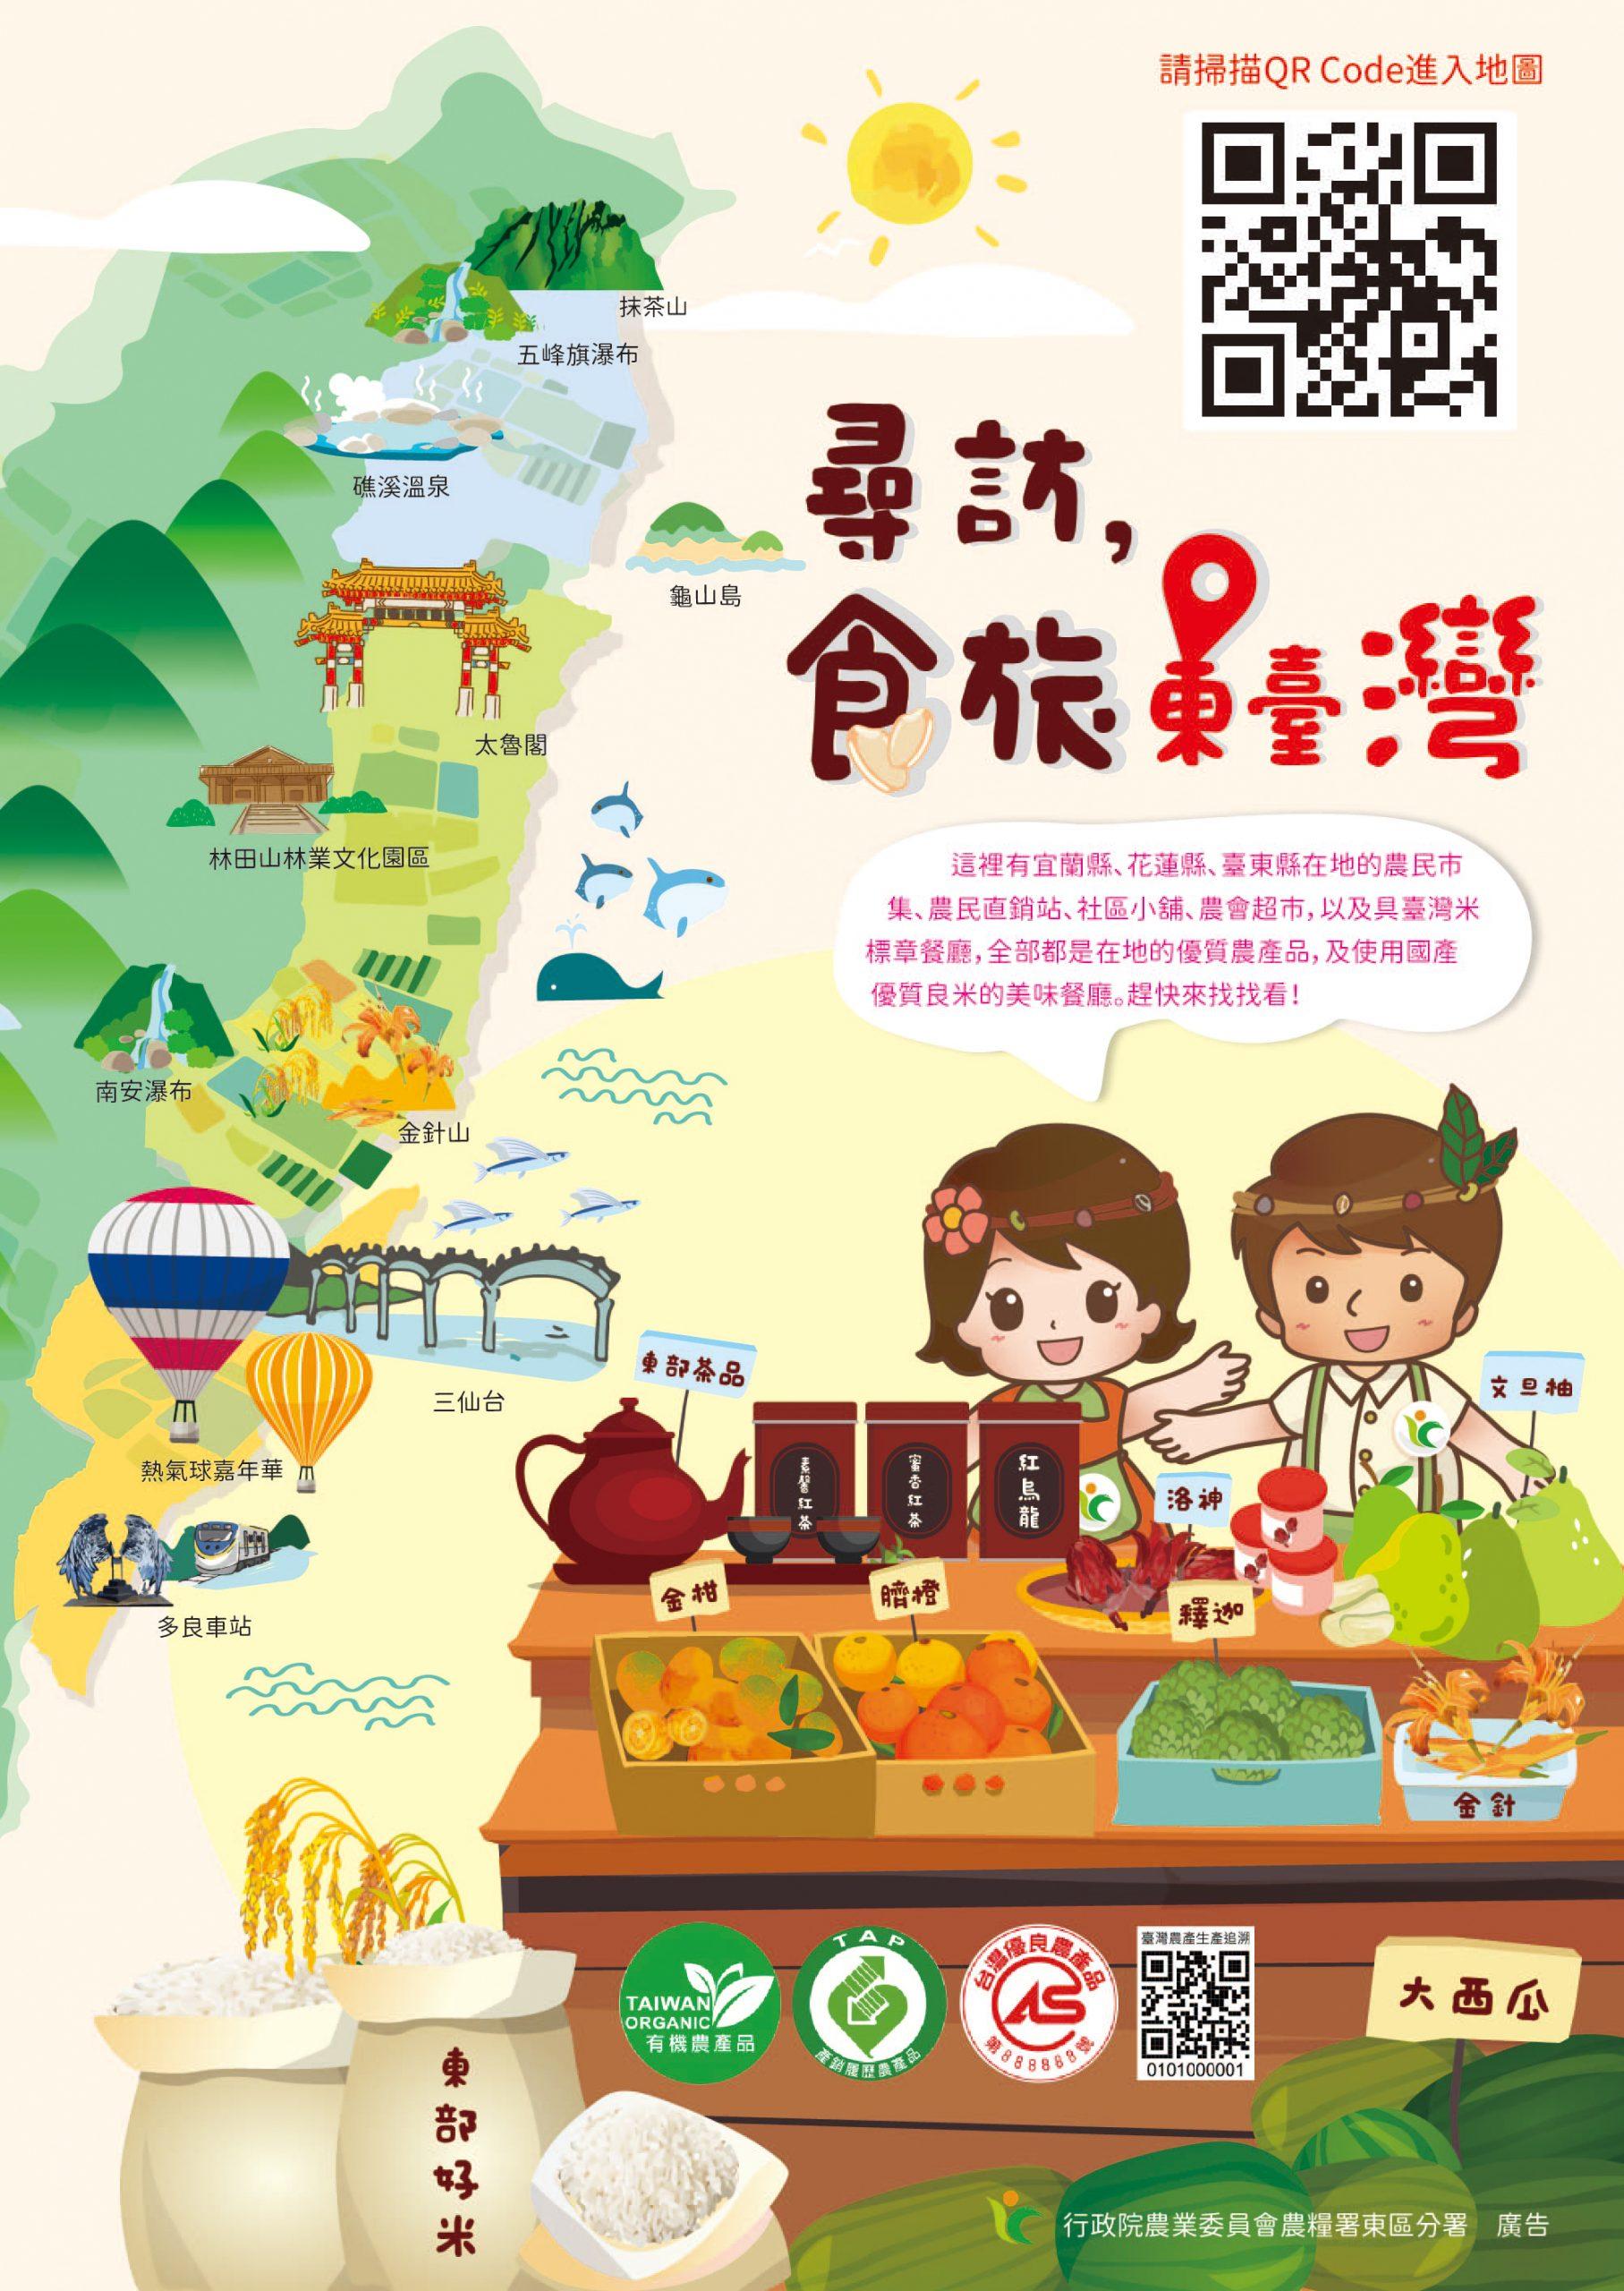 尋訪,食旅東臺灣圖卡。(記者陳笠洋翻攝)